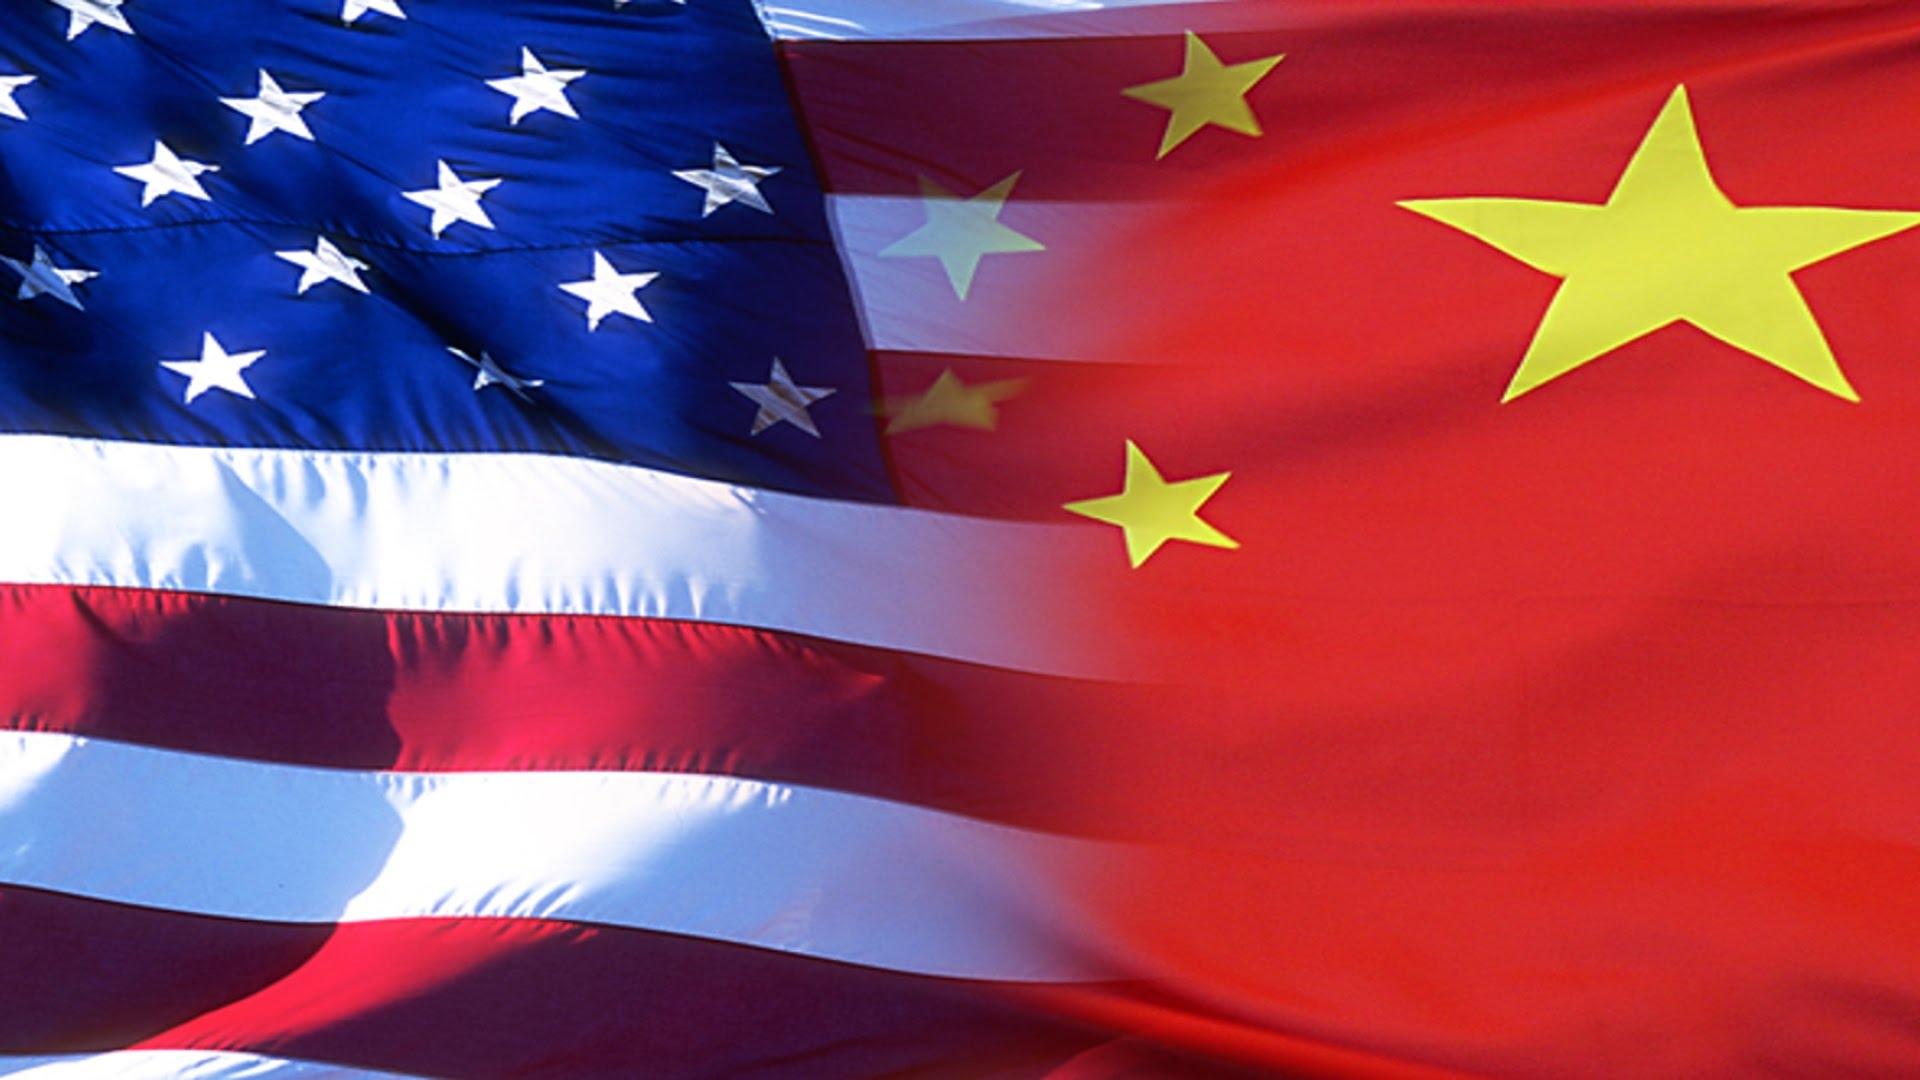 China si Statele Unite, rivale si, in acelasi timp, partenere in cursa pentru inteligenta artificiala